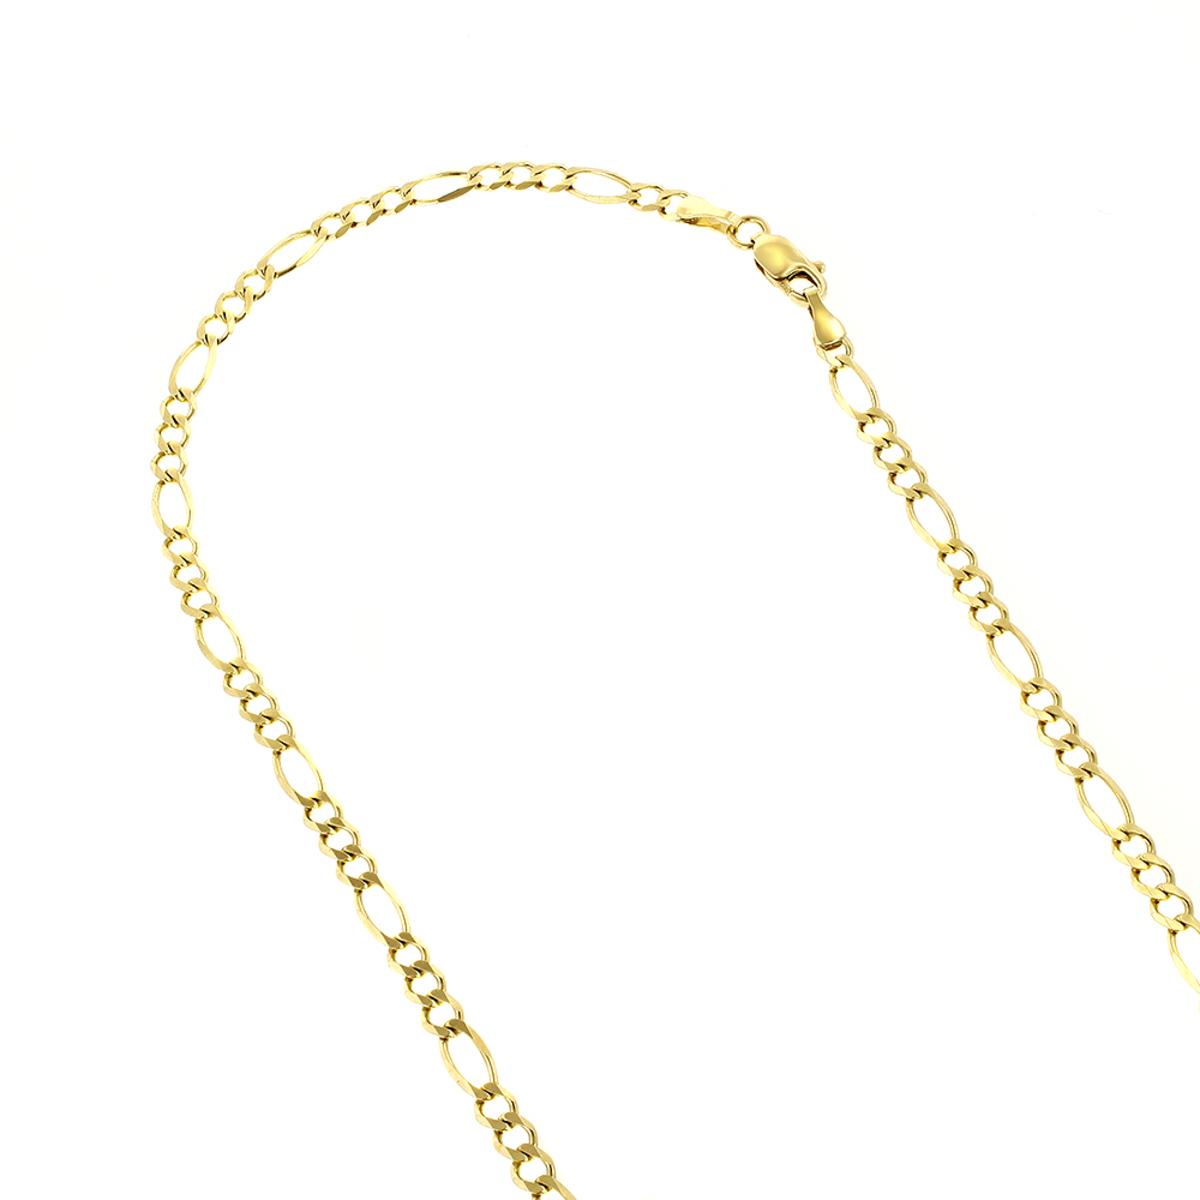 LUXURMAN Solid 10k Gold Figaro Chain For Men & Women 3mm Wide